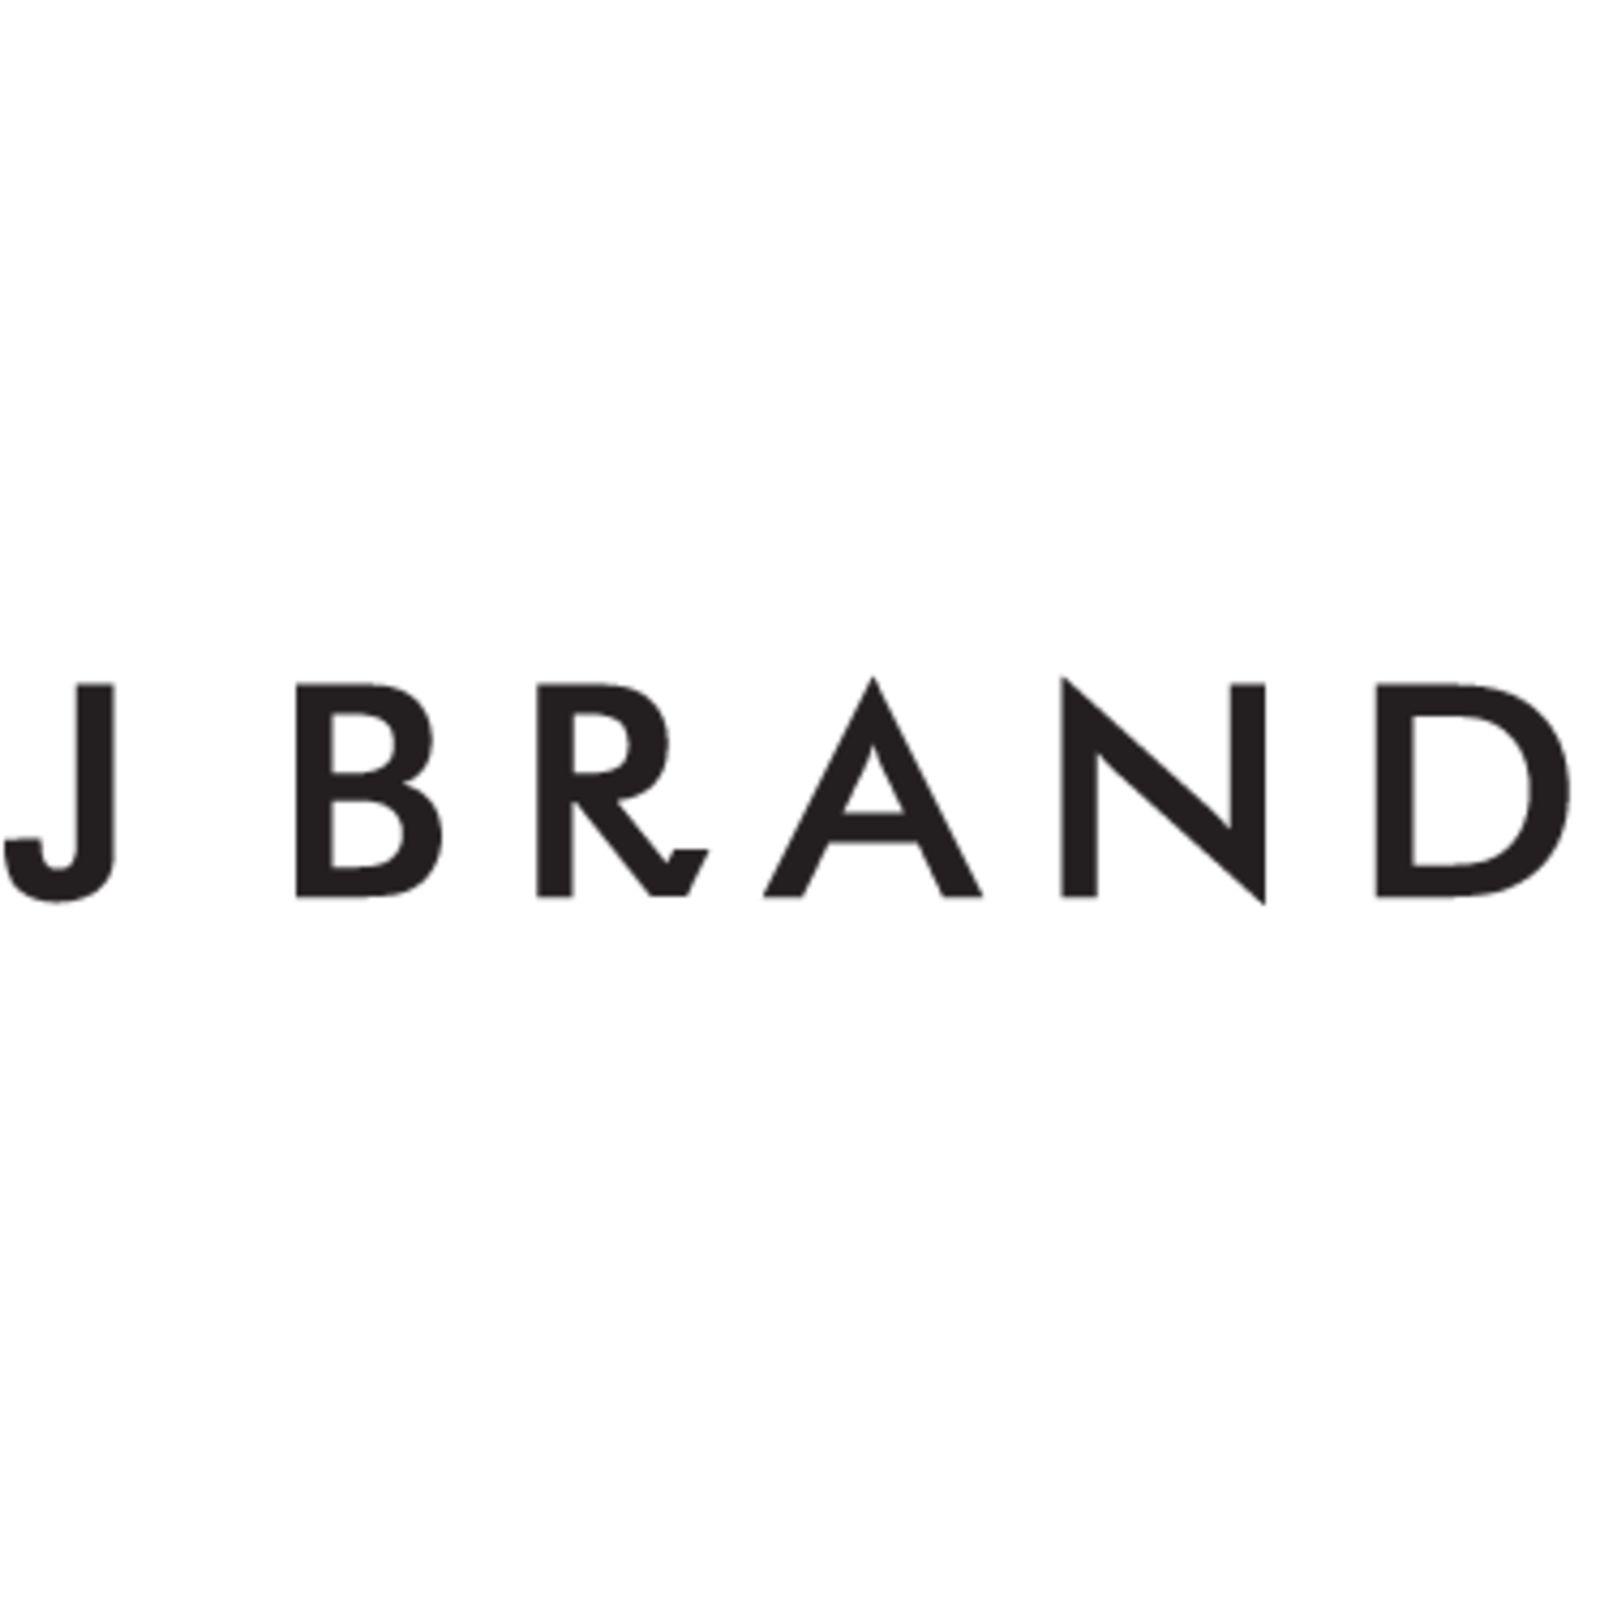 J BRAND (Bild 1)